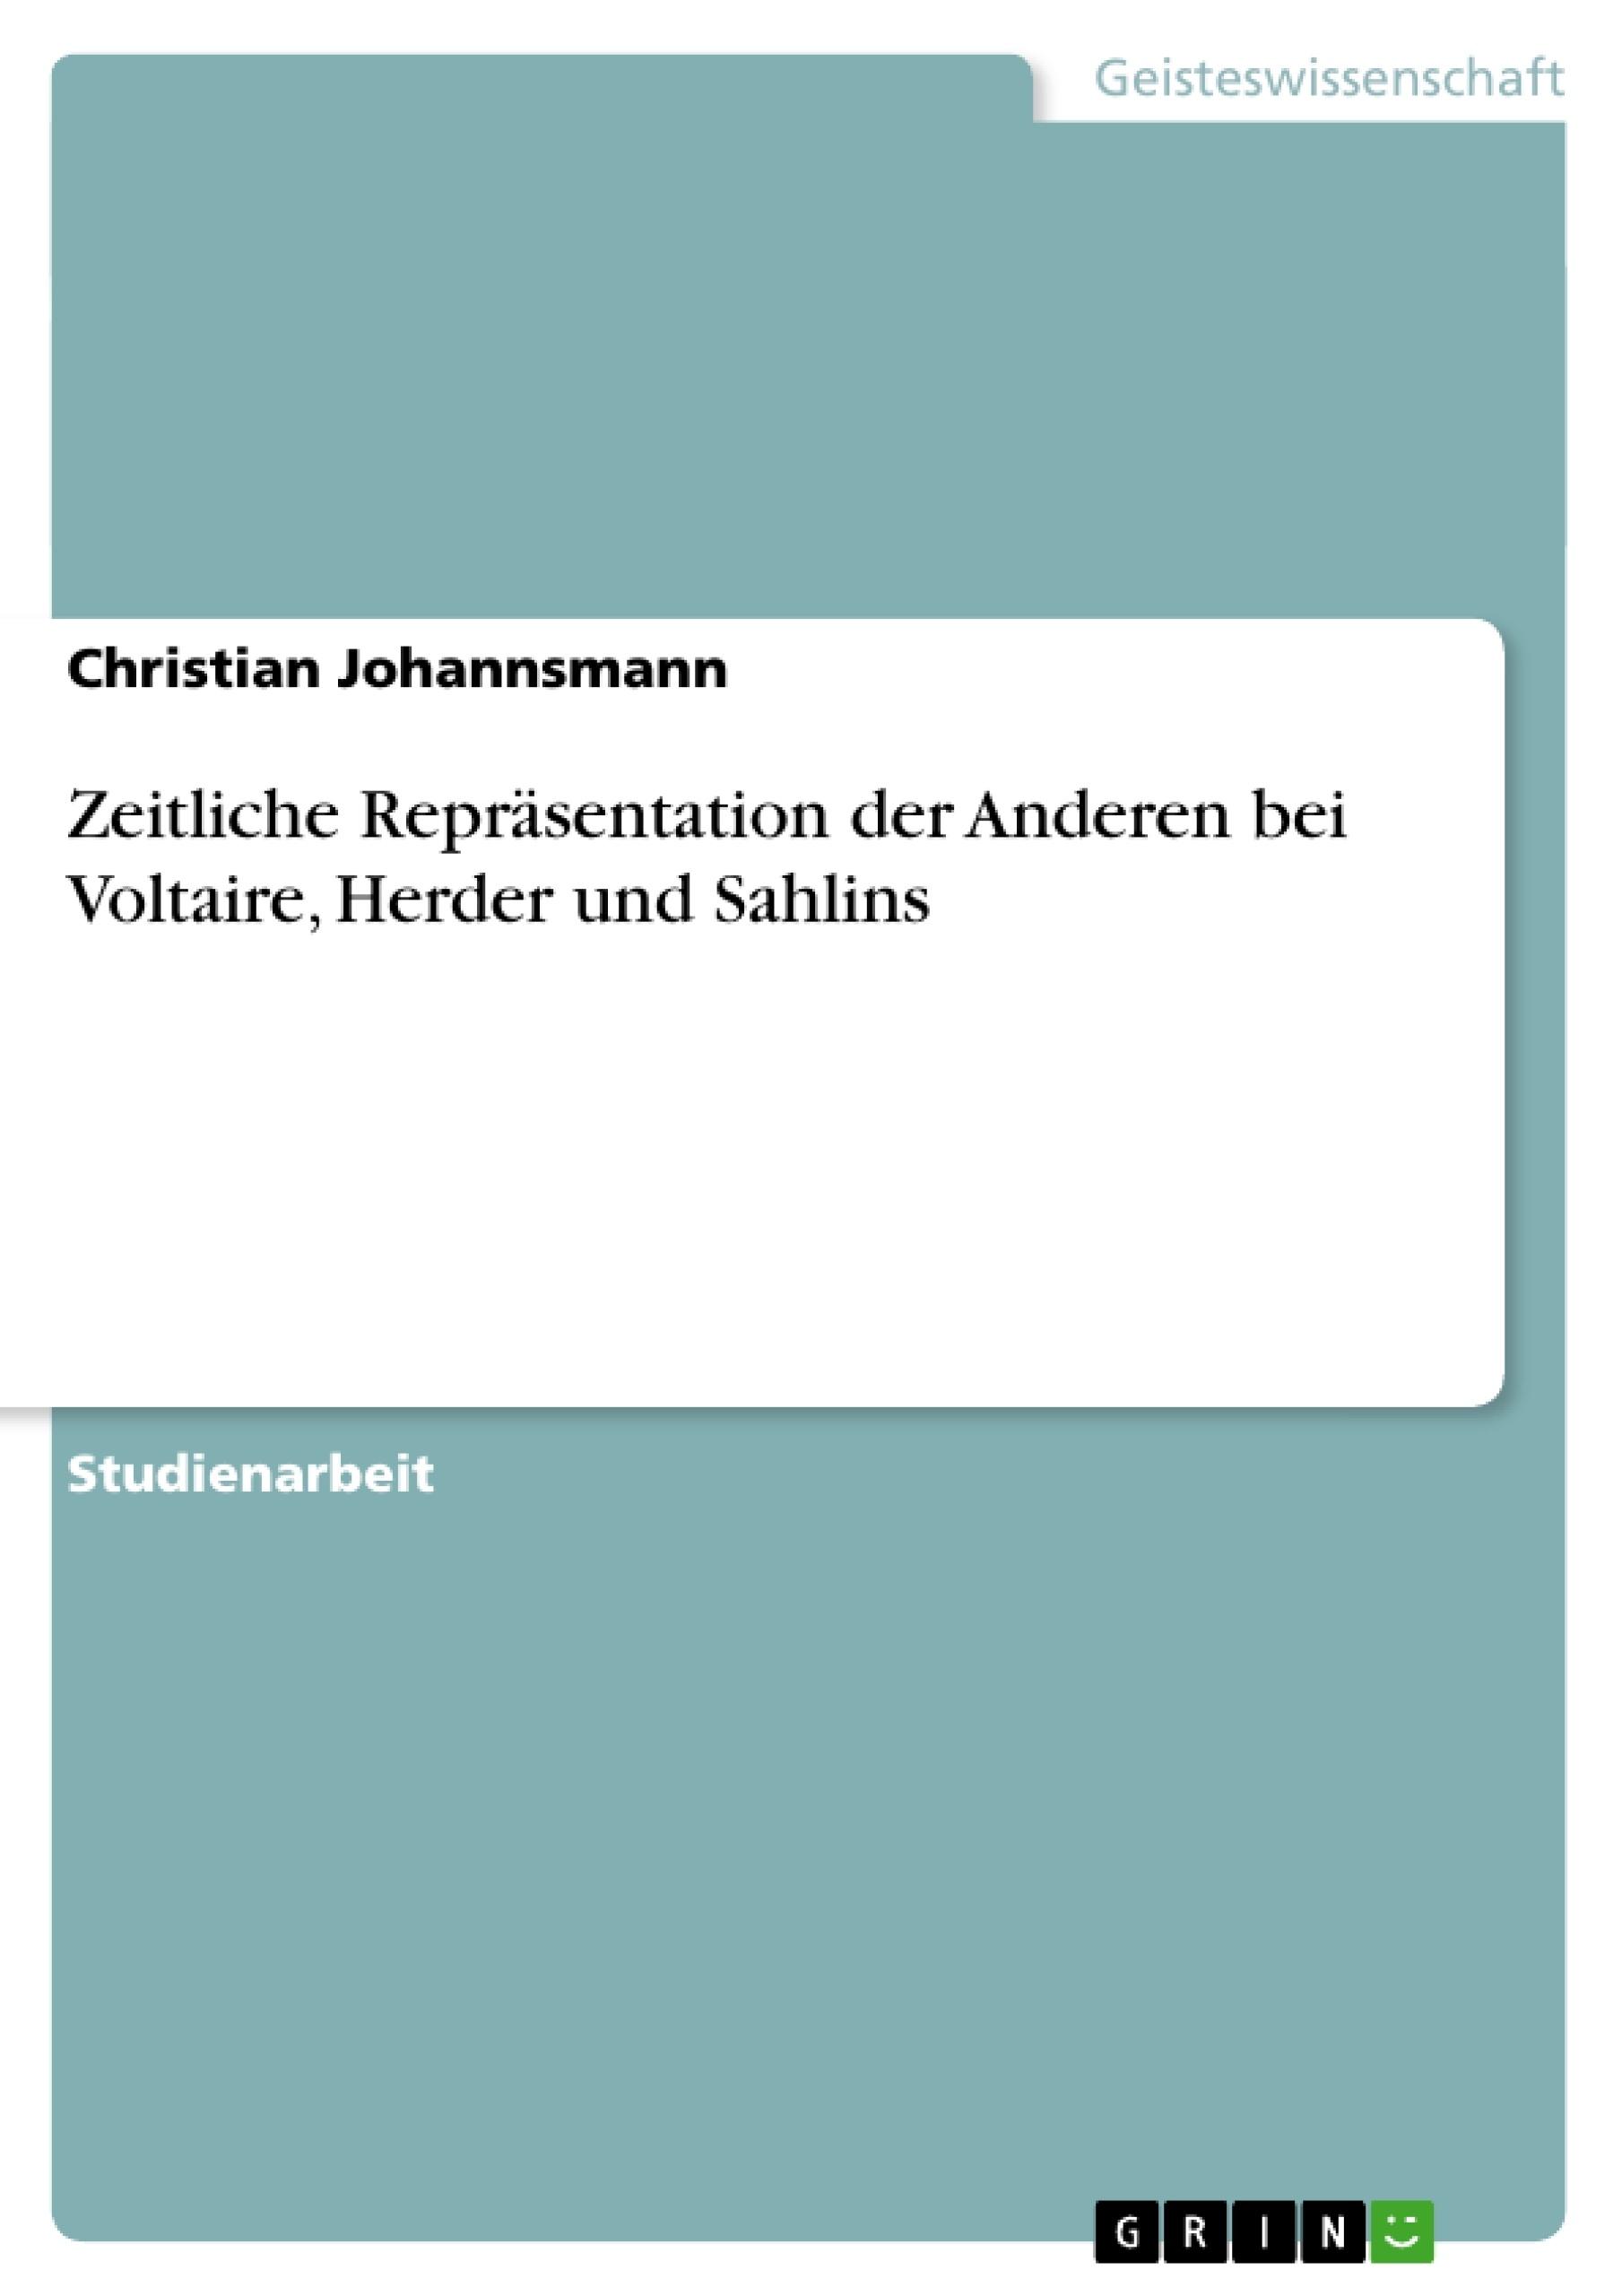 Titel: Zeitliche Repräsentation der Anderen bei Voltaire, Herder und Sahlins